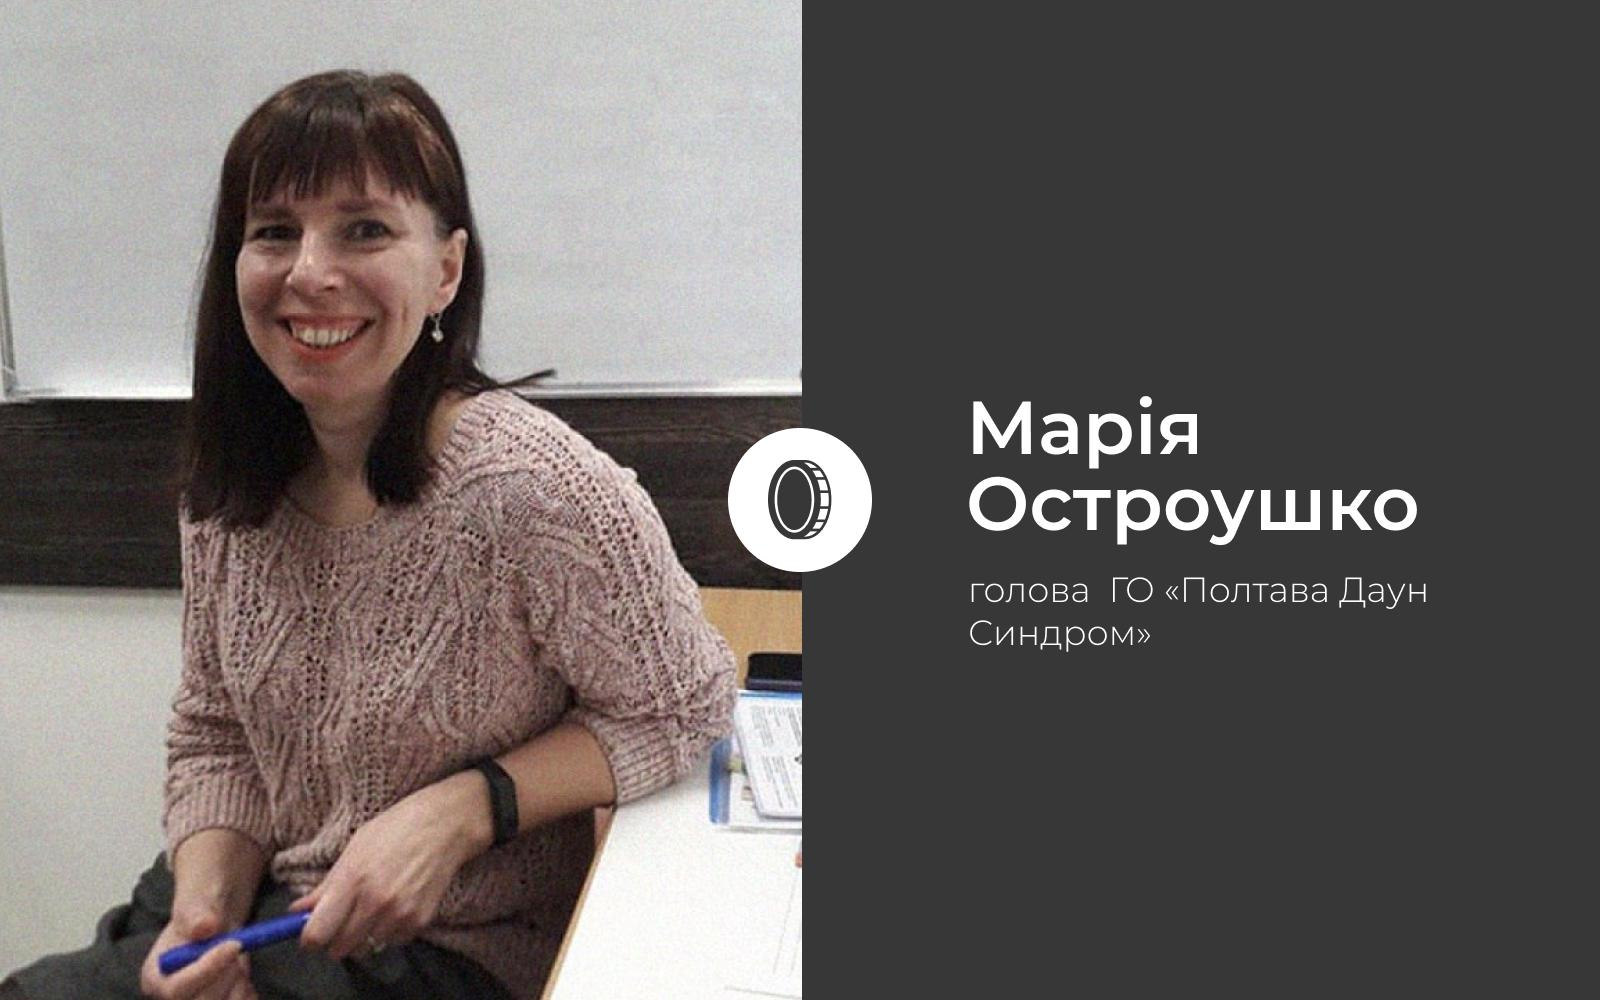 Марія Остроушко